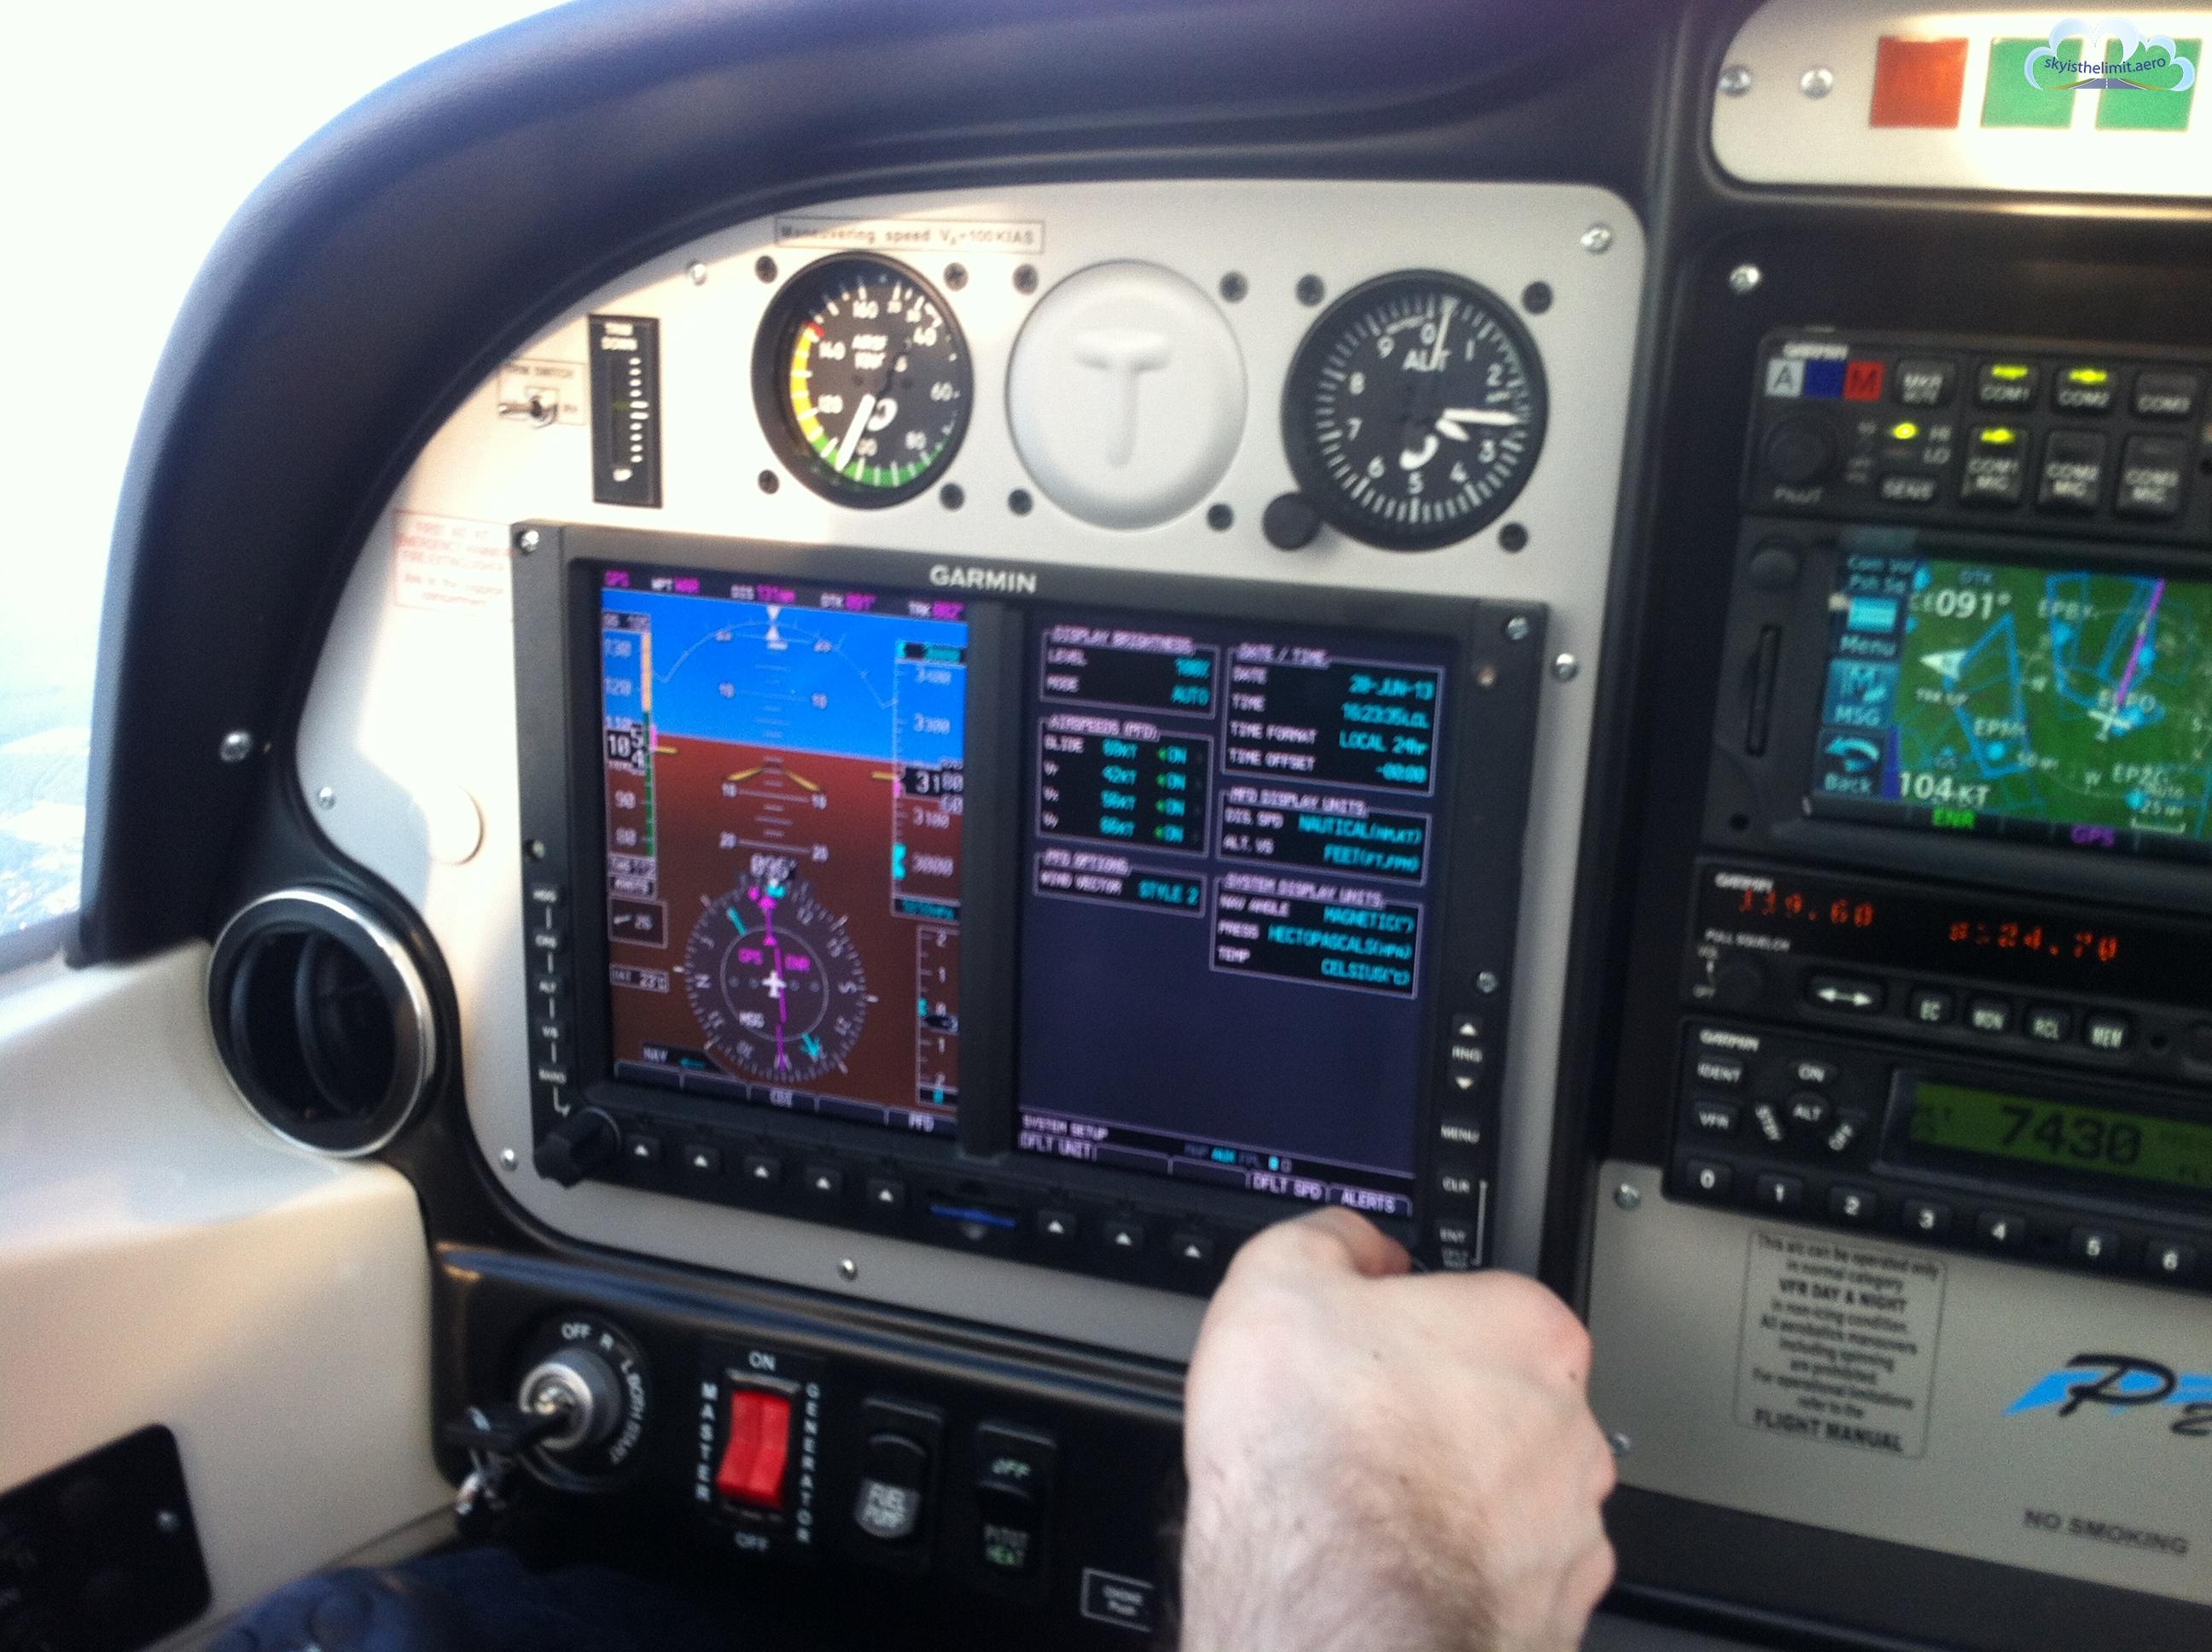 Garmin G500 i GTN650, 3 ekrany i nowoczesna nawigacja obszarowa znacznie podnoszą świadomość sytuacyjną